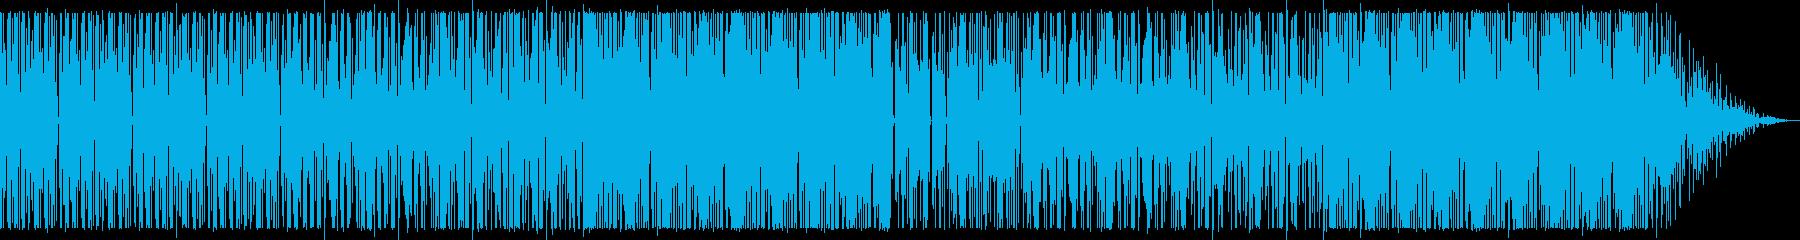 ビートの強いヒップホップ_No445の再生済みの波形